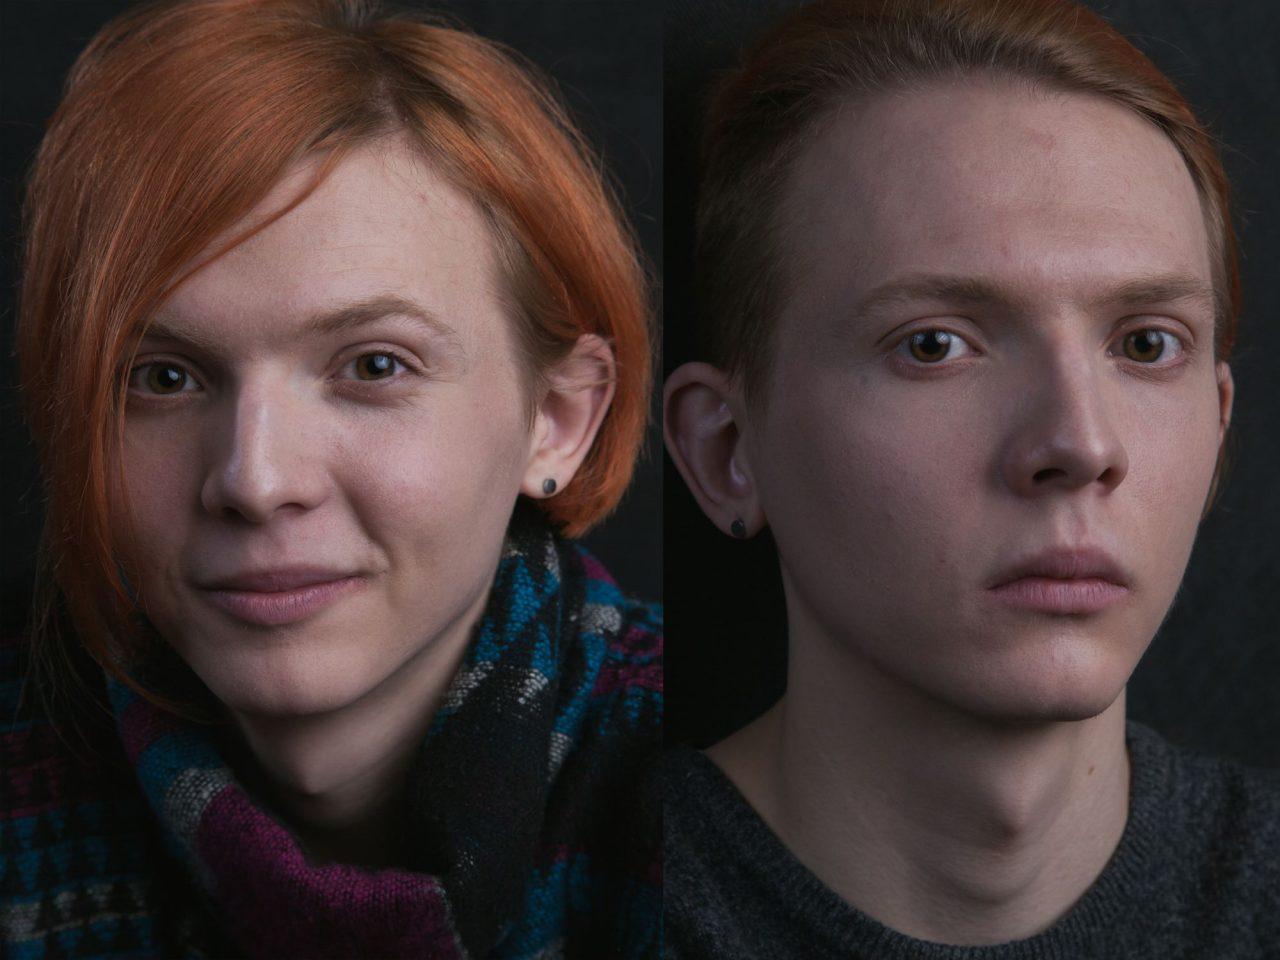 Мужик думал што трансвестит это баба и когда он узнал била уже позна